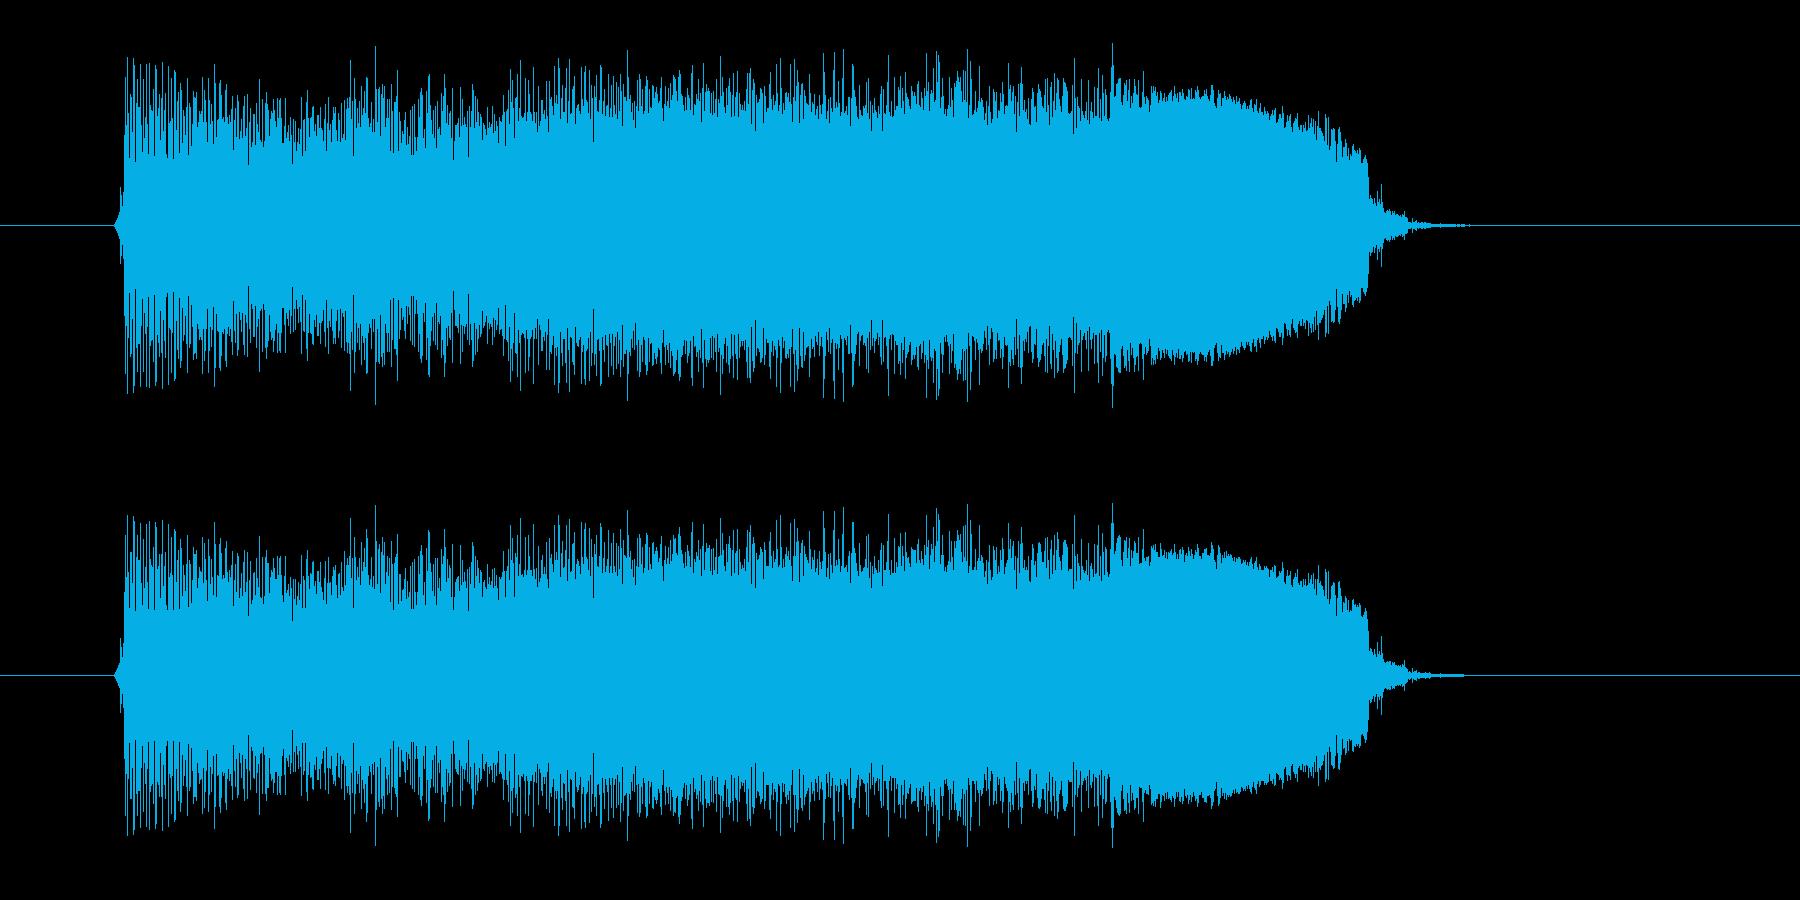 ジャーンジャーン(ギター、ベース)の再生済みの波形